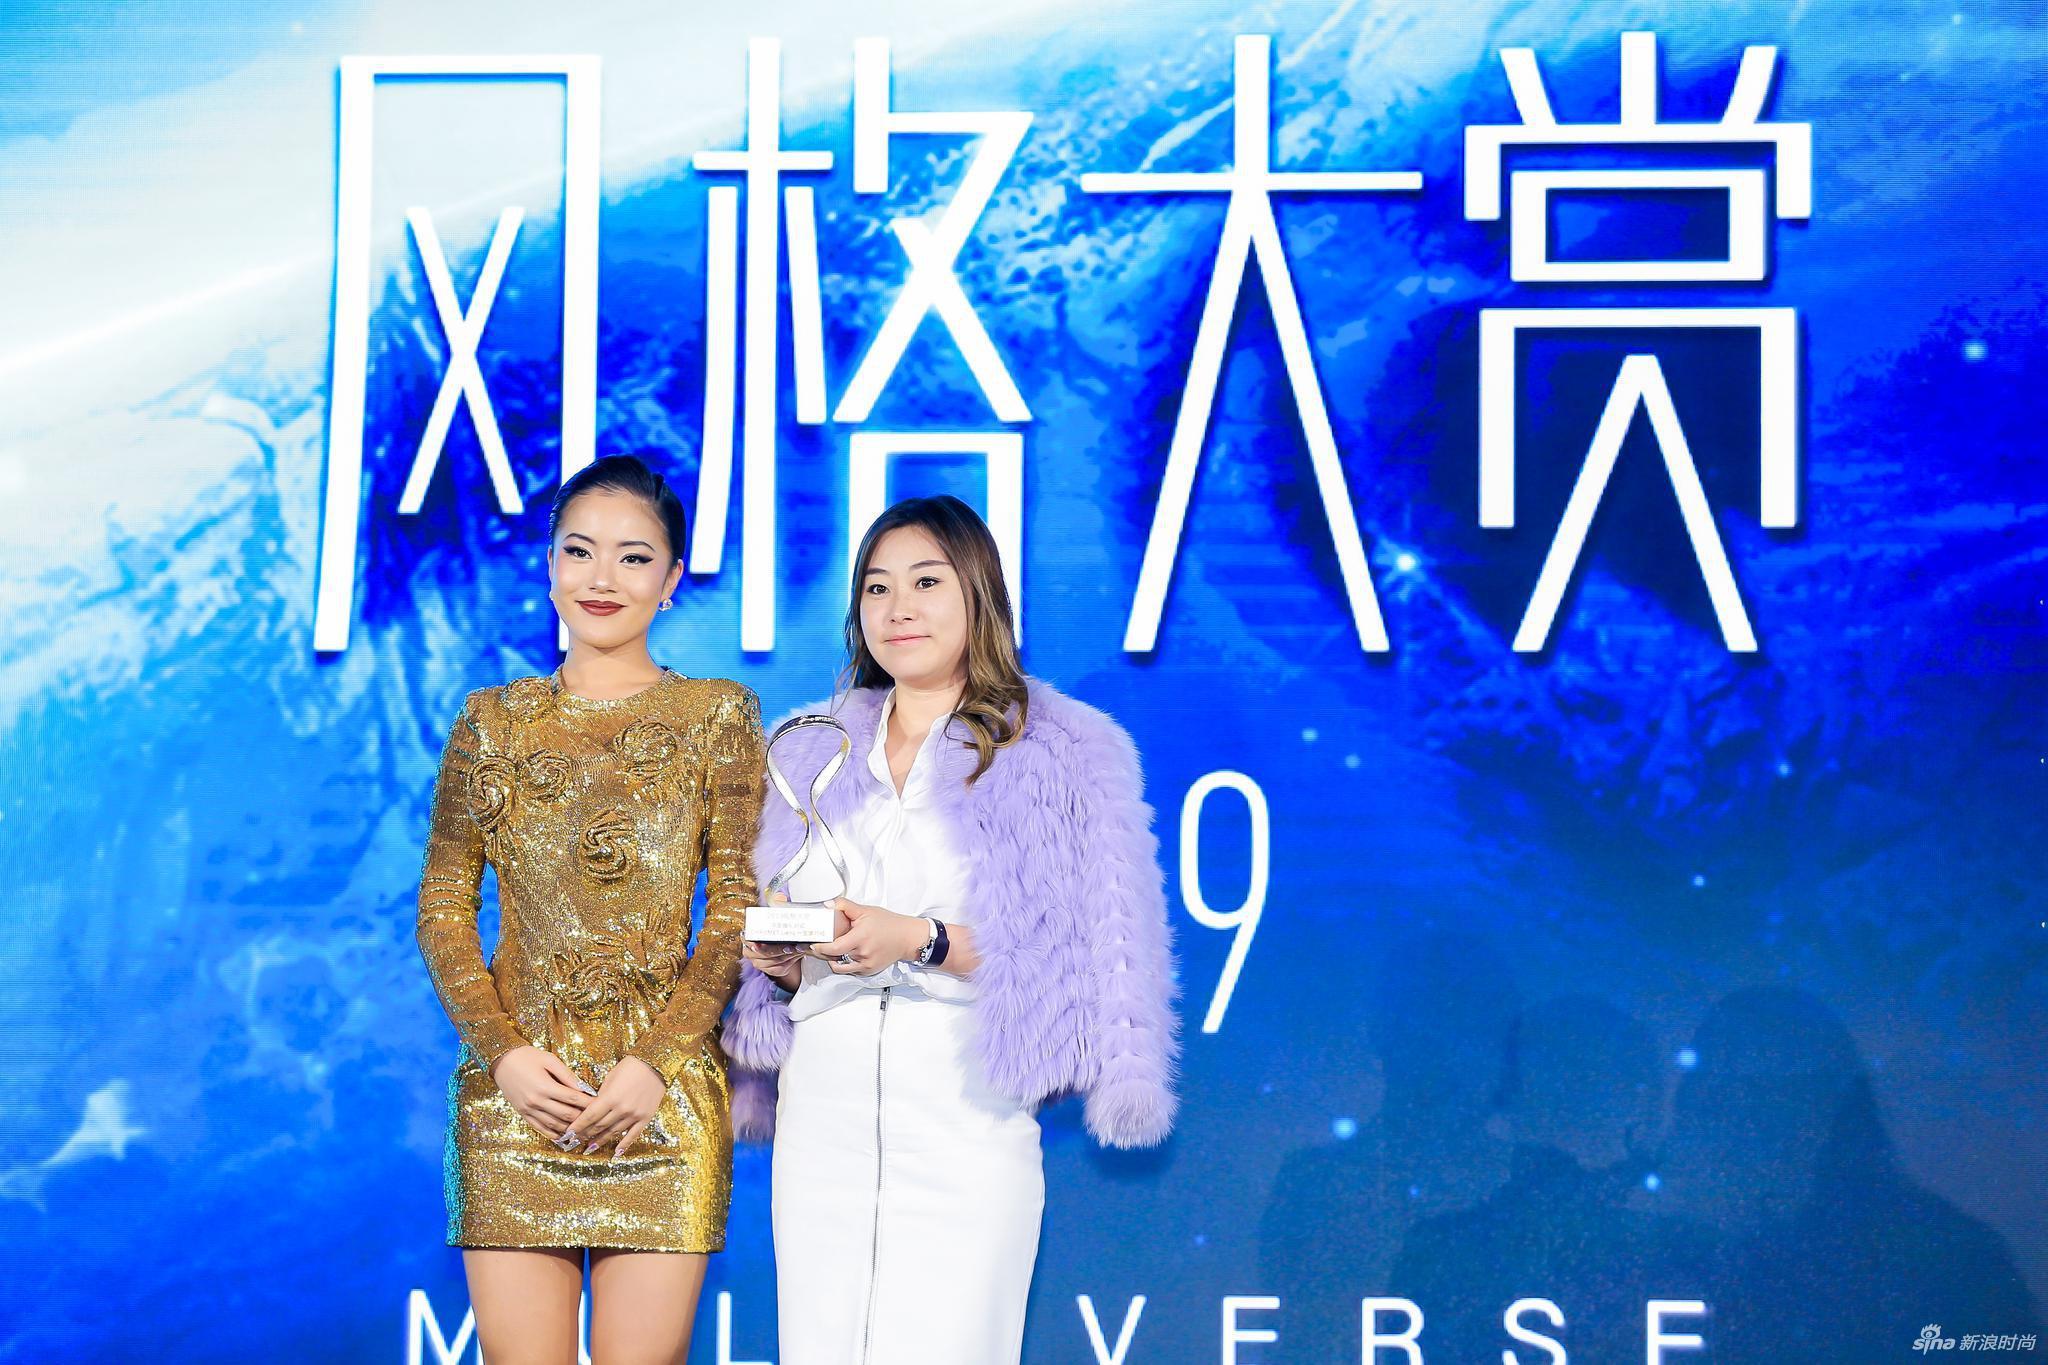 青年演员、歌手王菊为领奖嘉宾尚美巴黎中国区公关及市场传讯总监朱润女士颁奖